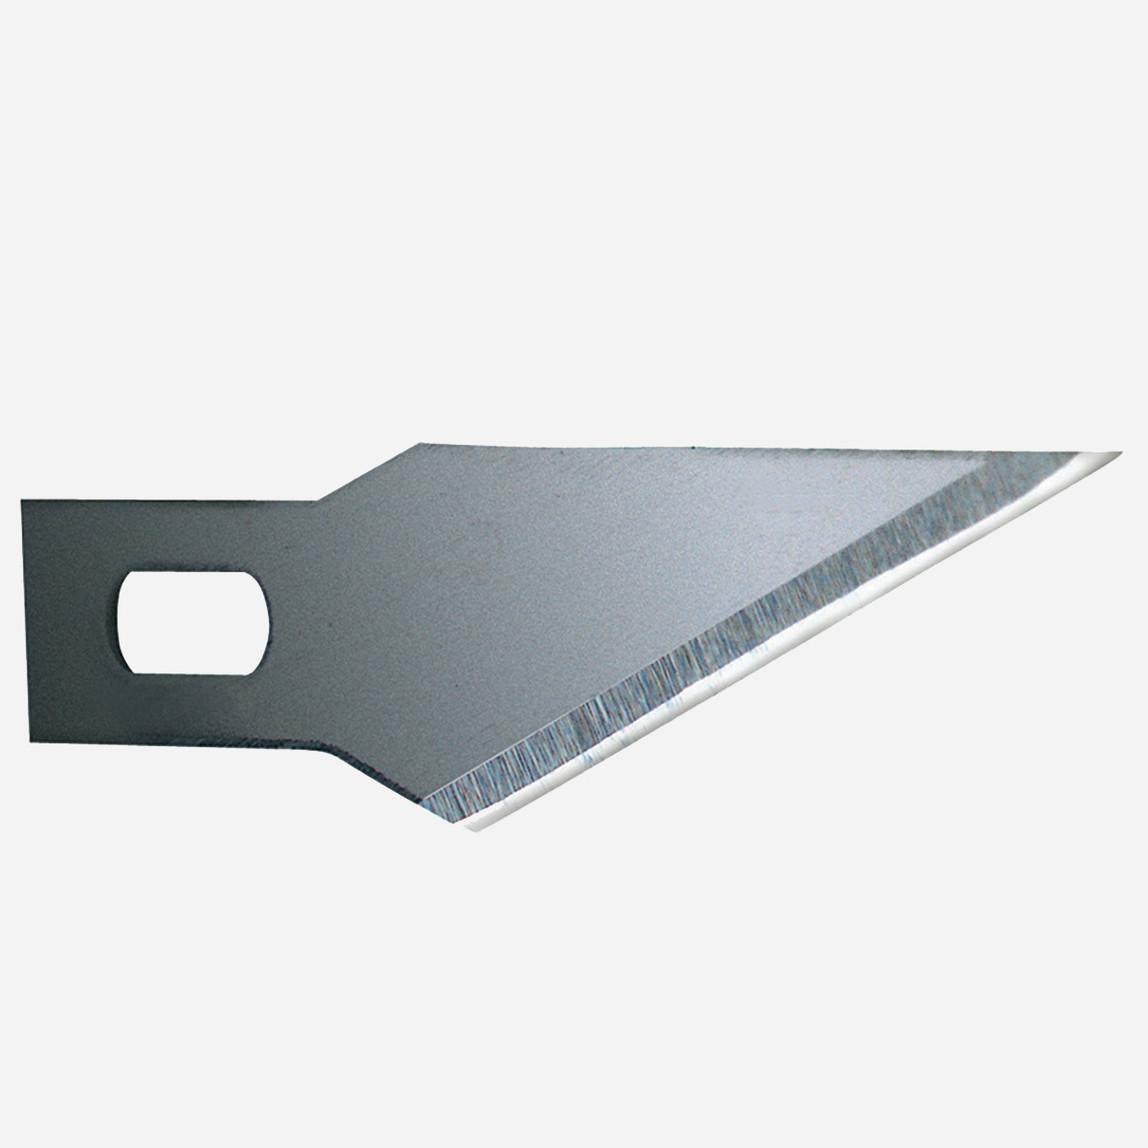 Hobi Bıçağı Yedeği - 3x1 Pkt